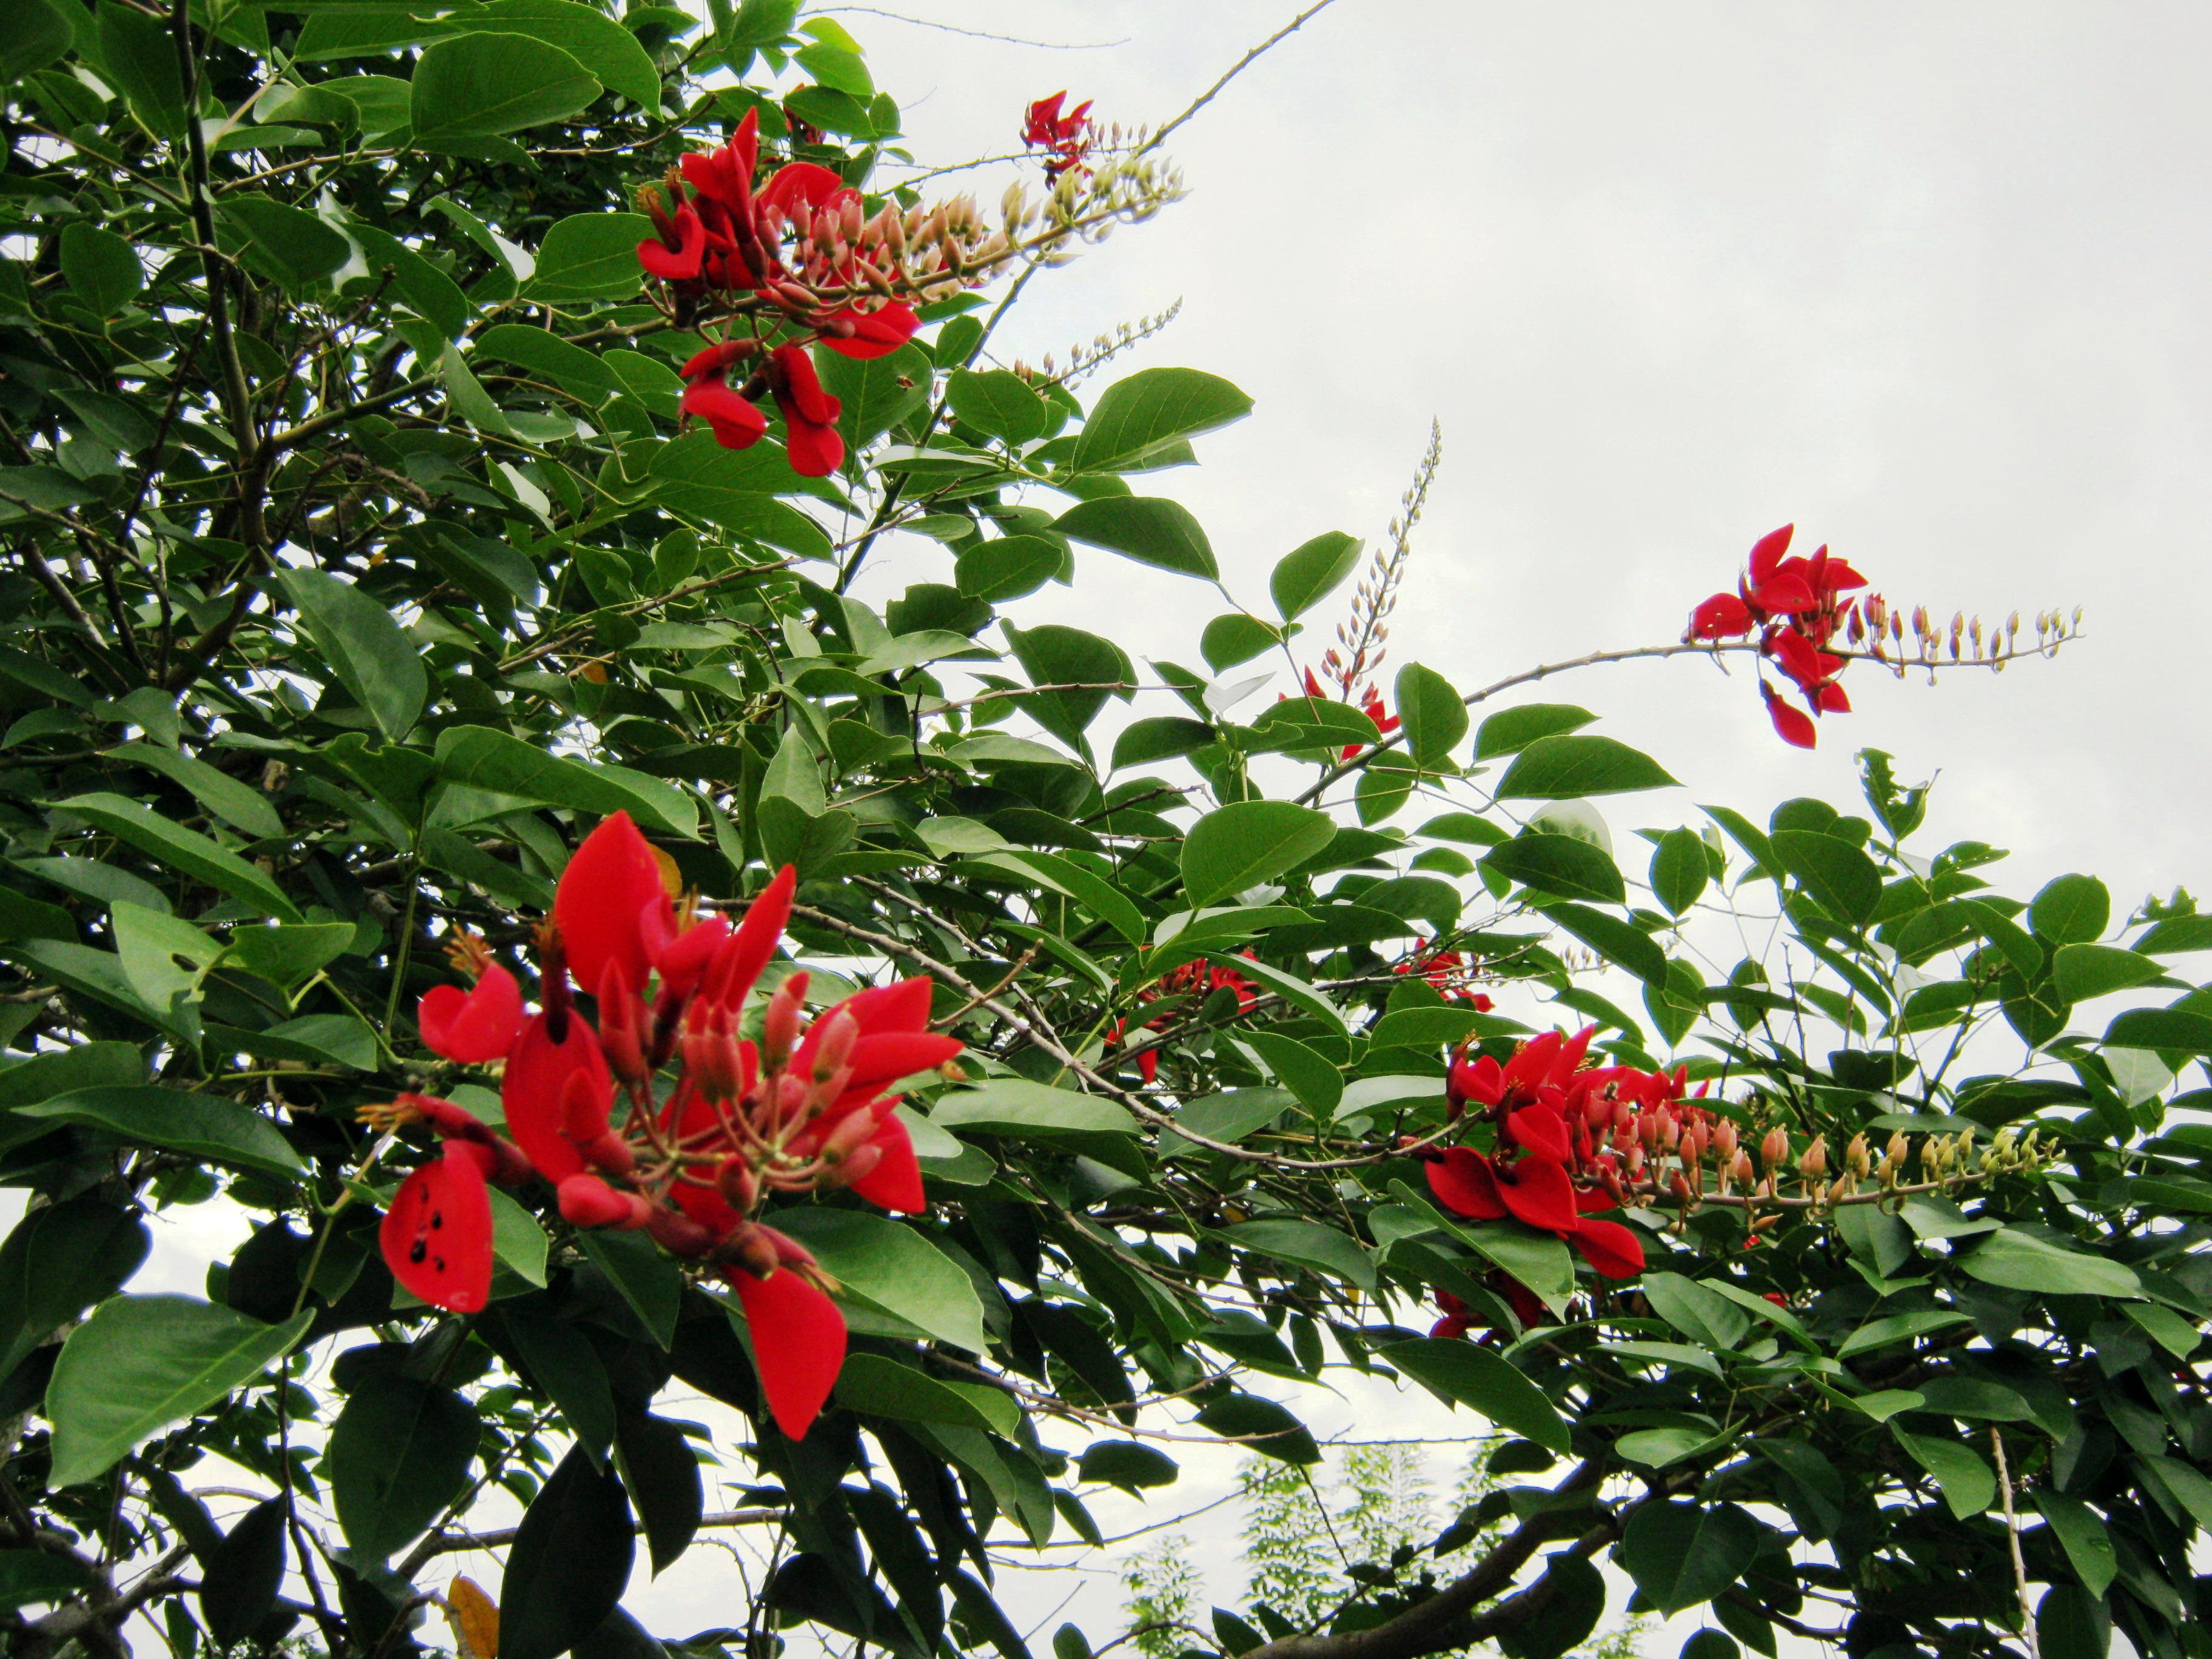 File:Hoa hoàng hậu đỏ.jpg - Wikimedia Commons